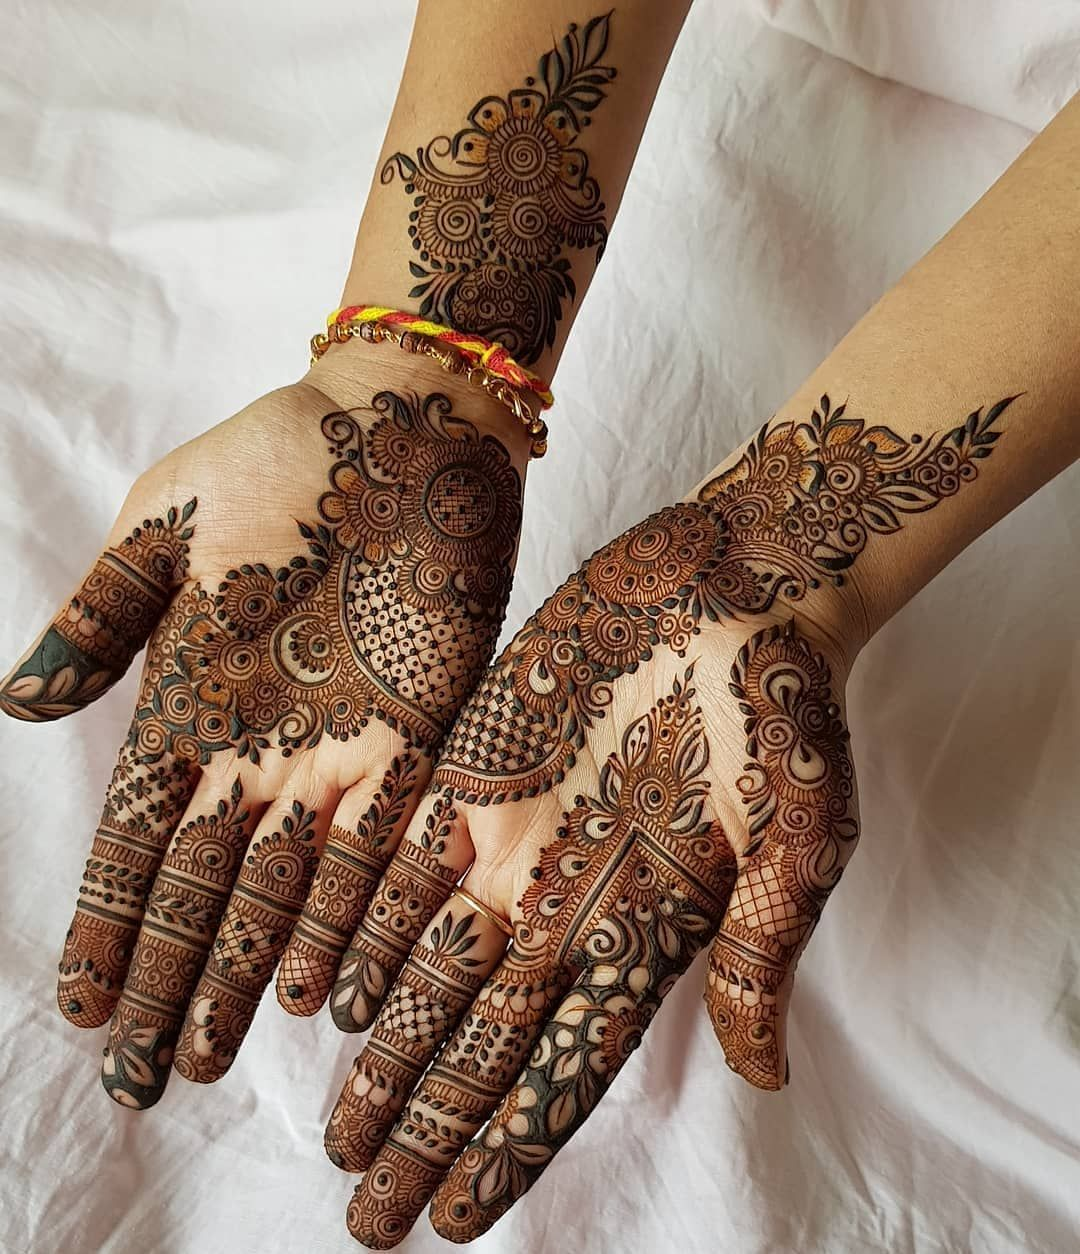 Beautiful Simple Mehndi Designs For Hand K4 Fashion Mehndi Designs Beautiful Simple Mehndi Design Mehndi Designs For Hands